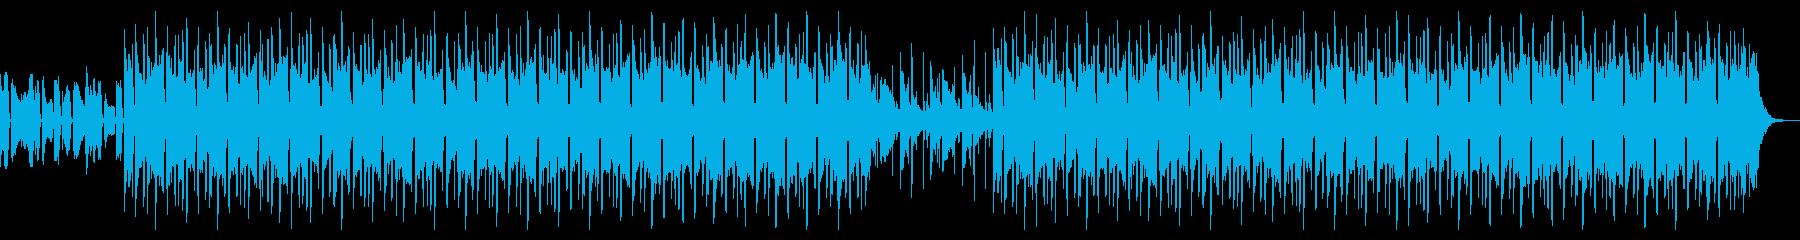 ローファイ チル アコギ ジャジーの再生済みの波形